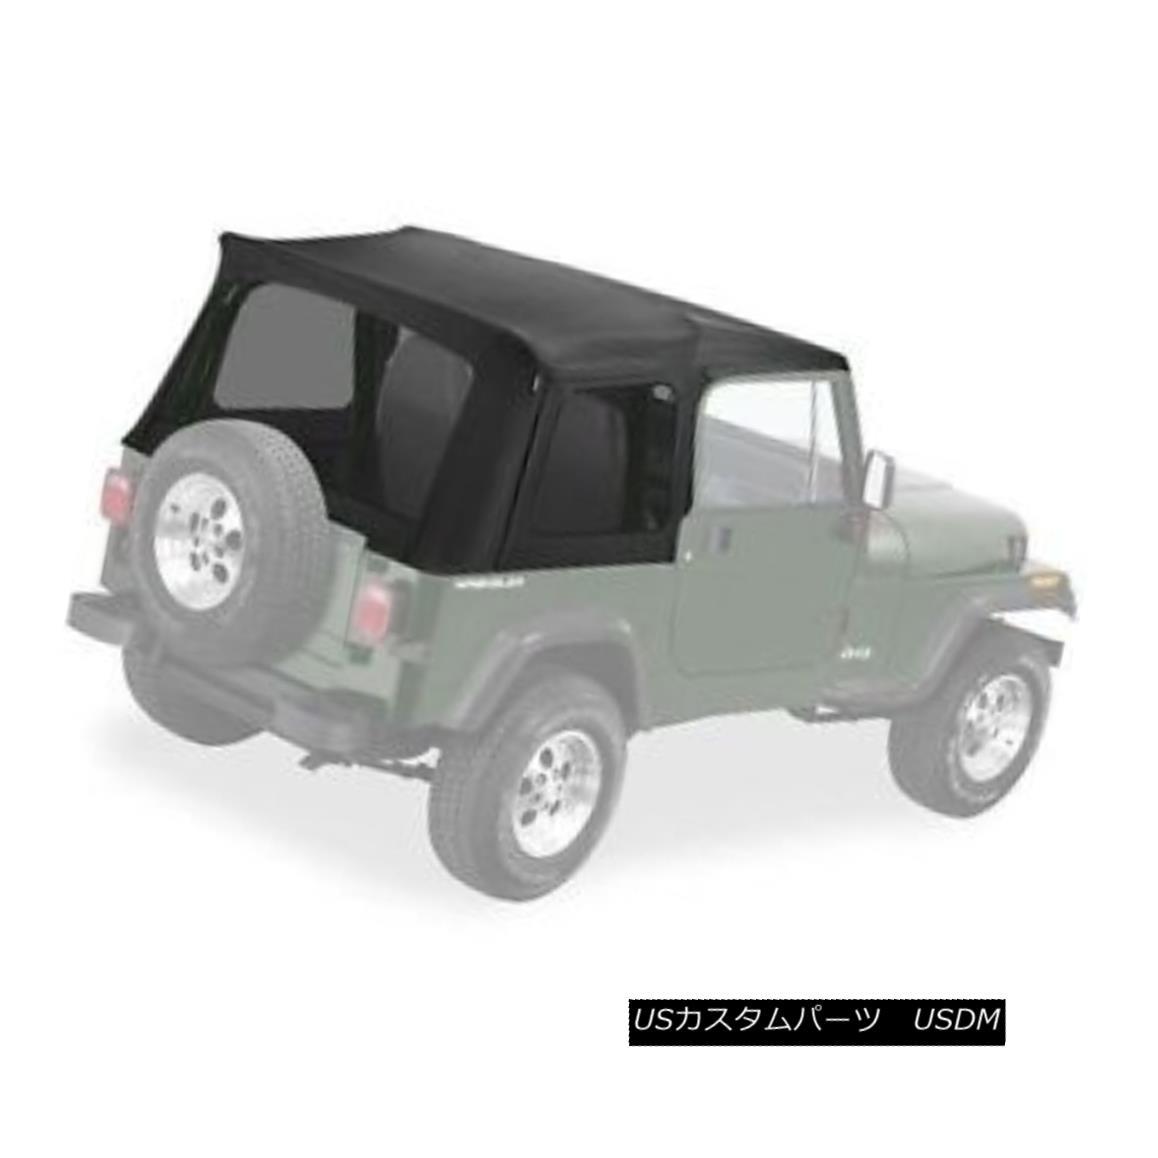 幌・ソフトトップ Bestop Supertop Replacement Skin 76-95 Jeep CJ7 / Wrangler Tinted Windows Black Bestop Supertop Replacement Skin 76-95ジープCJ7 / Wrangler Tinted Windowsブラック